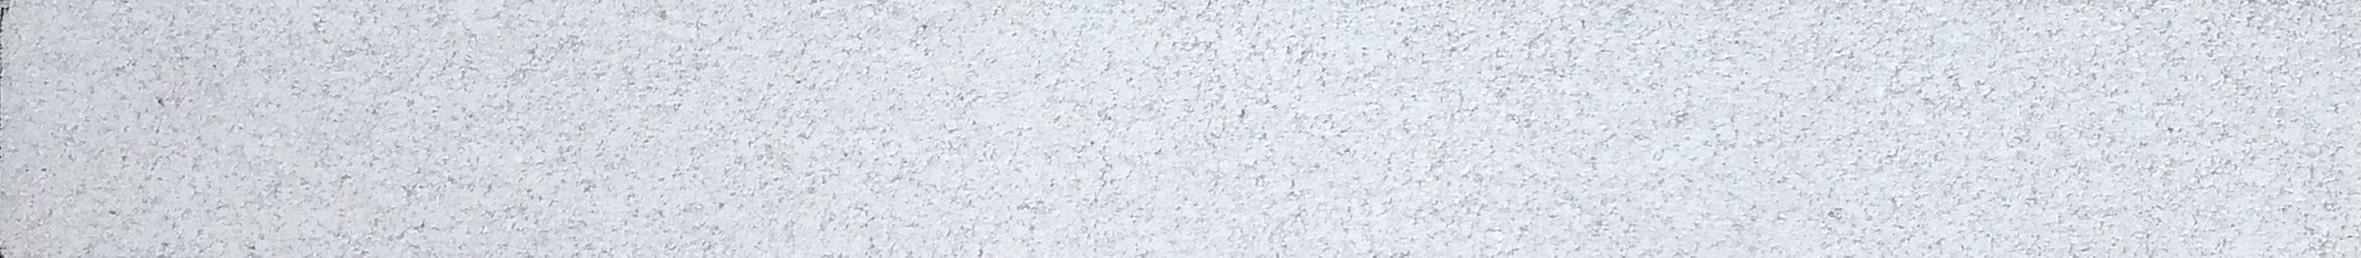 Fugenmörtel - Fugenfarbe 1023